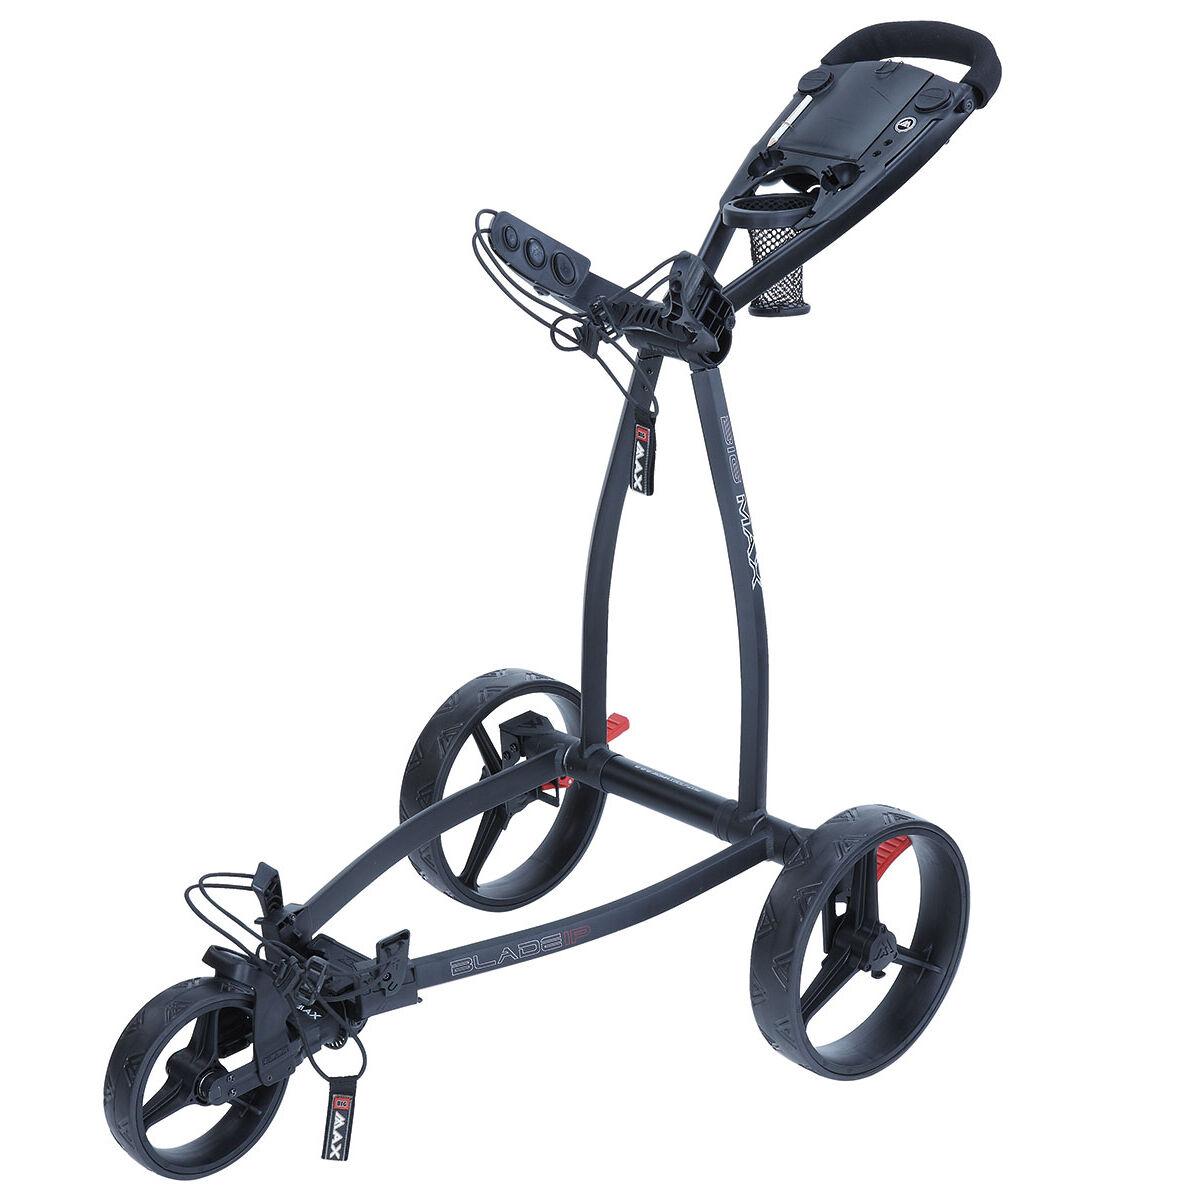 BIG MAX Blade IP Golf Trolley, Black | American Golf